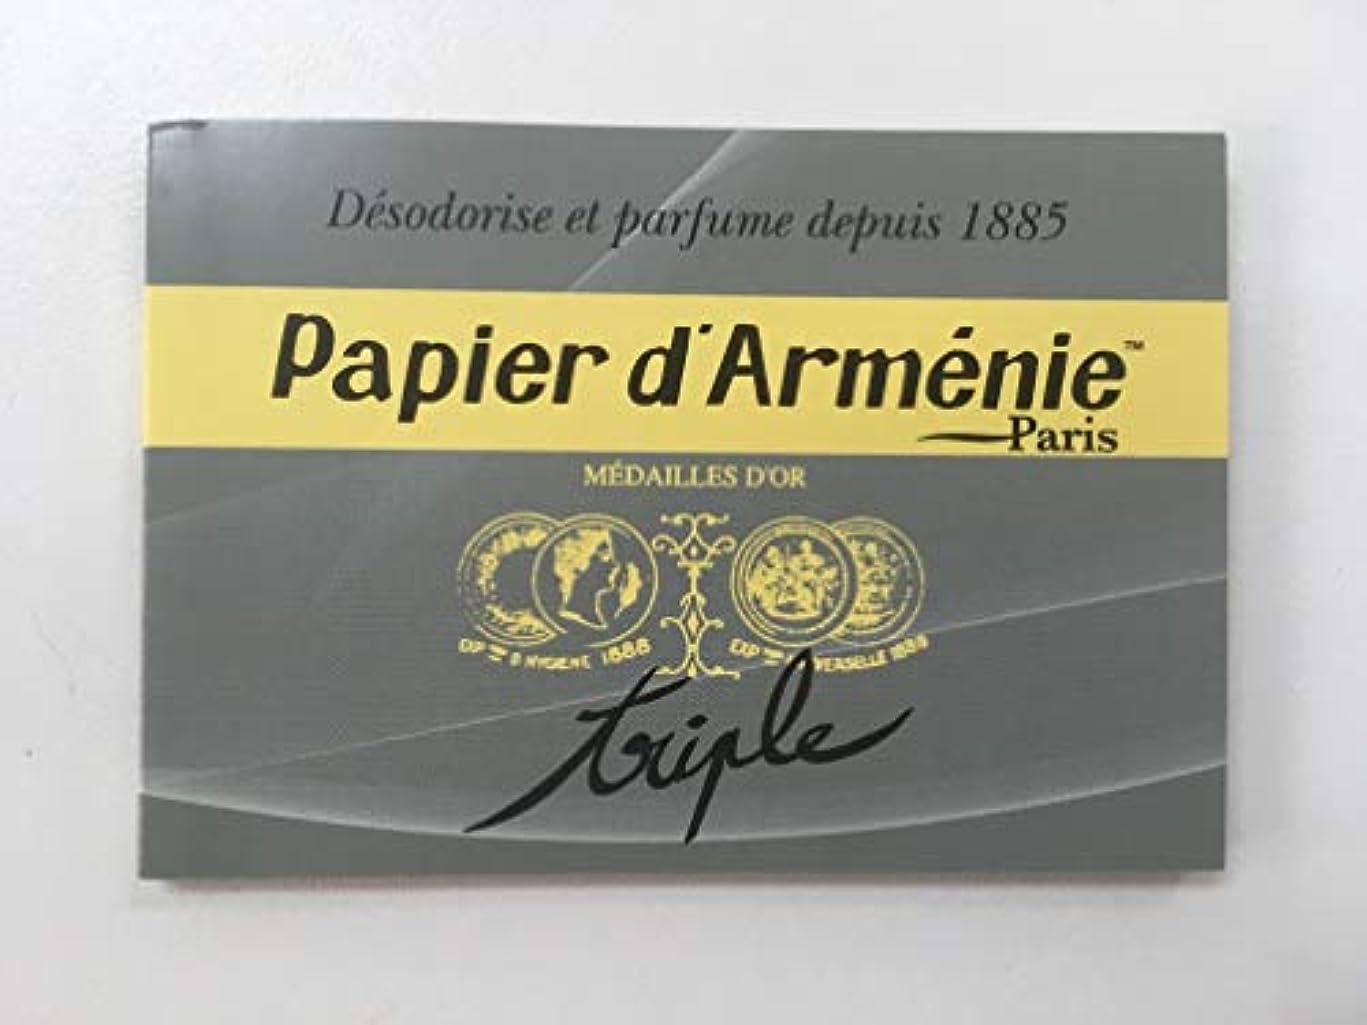 子がっかりするスカルクパピエダルメニイ 空気を浄化する紙のお香パピエダルメニイ トリプル ヨーロッパ雑貨